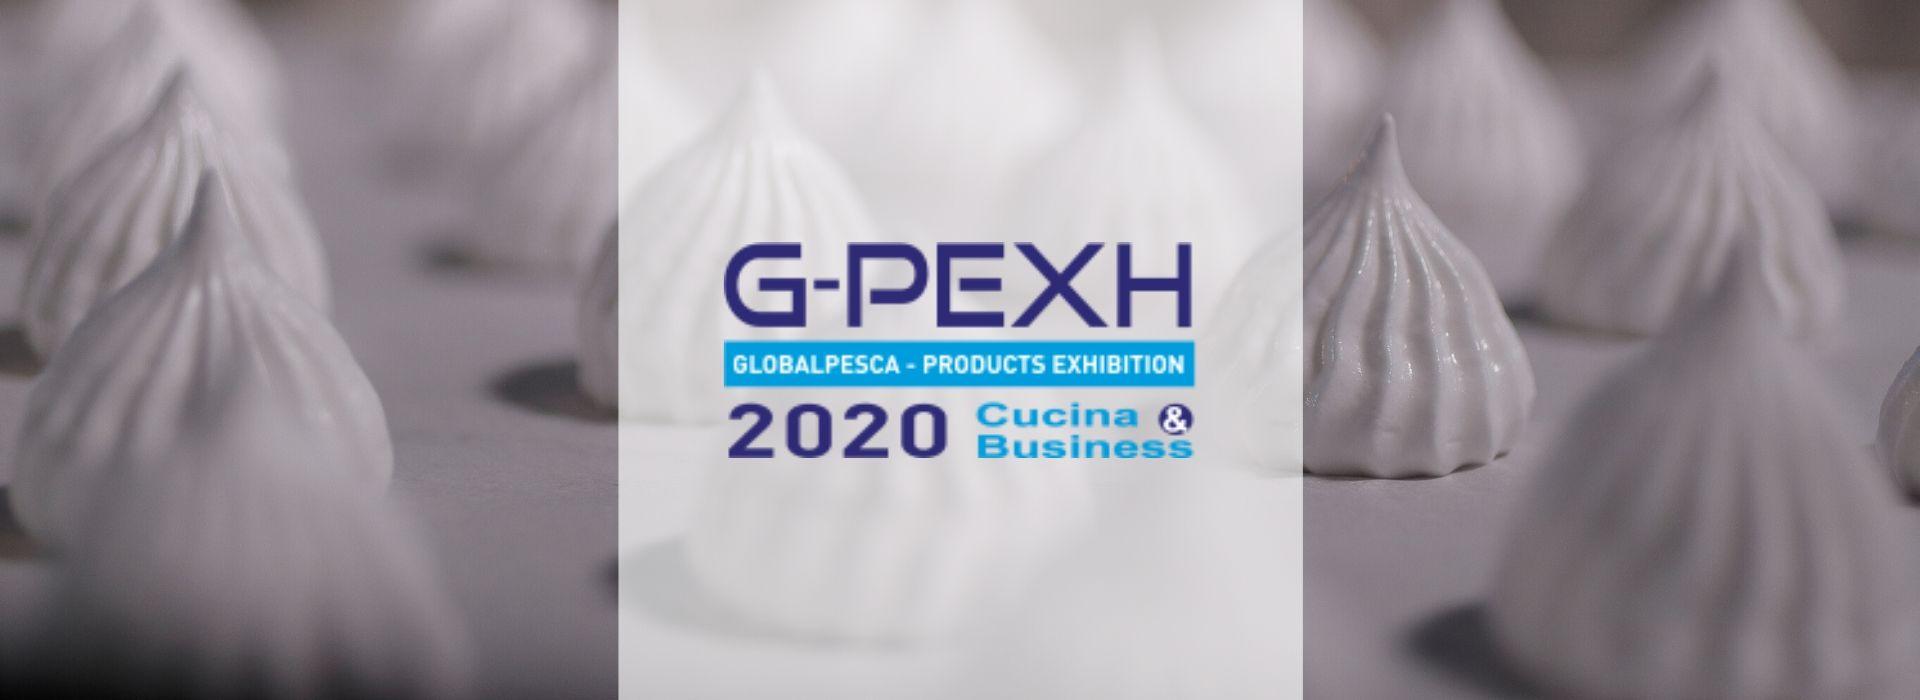 Eurovo Service a G-Pexh 2020